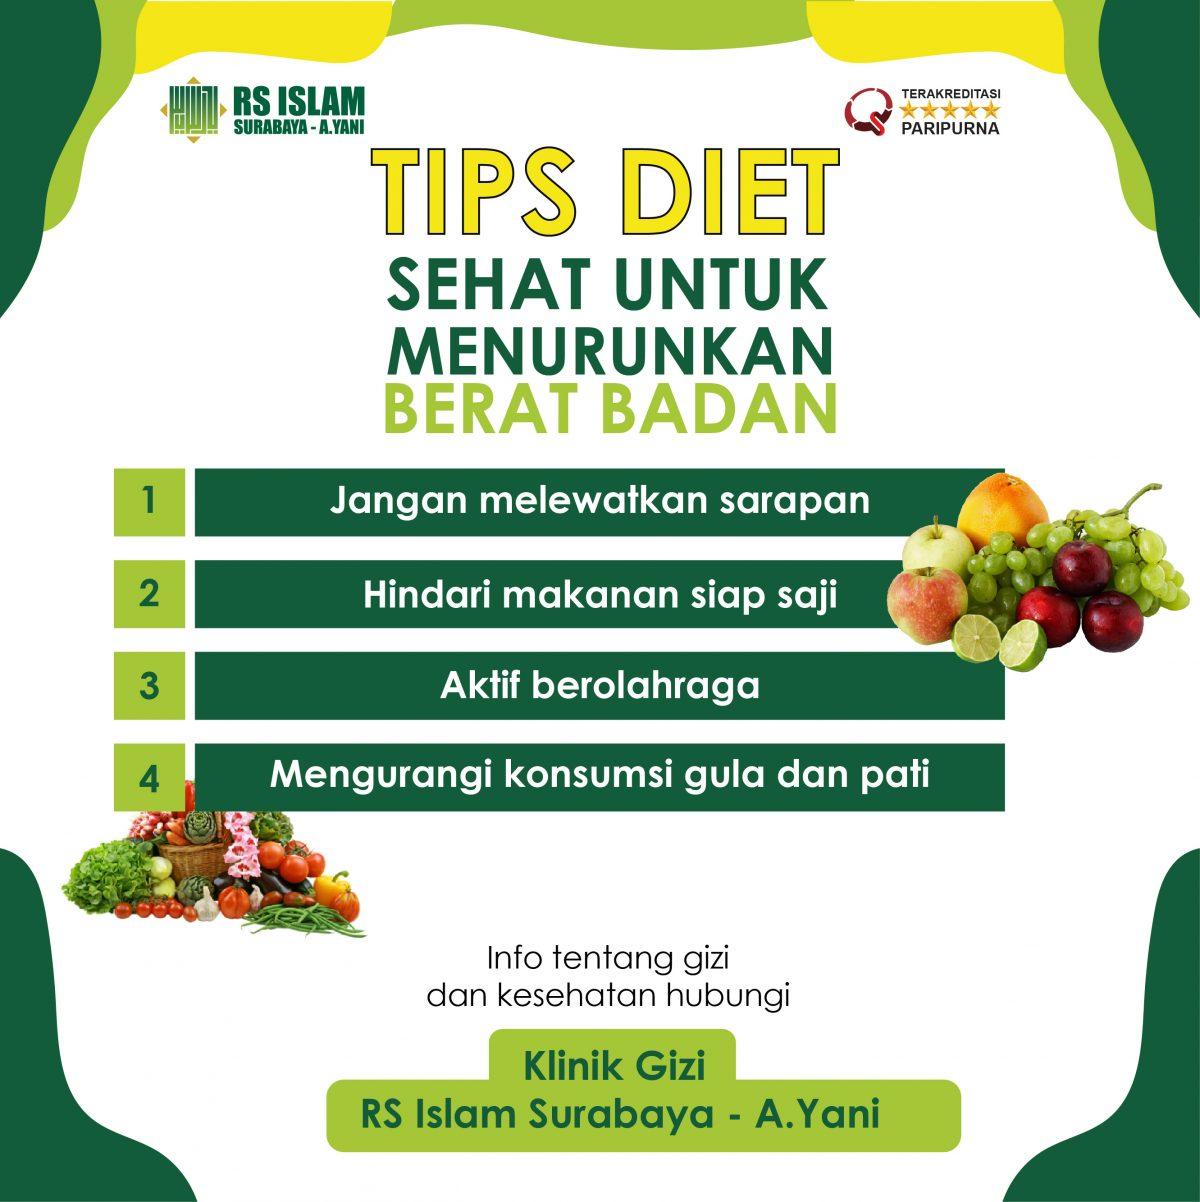 tips-diet-sehat-menurunkan-berat-badan-01-1200x1202.jpg